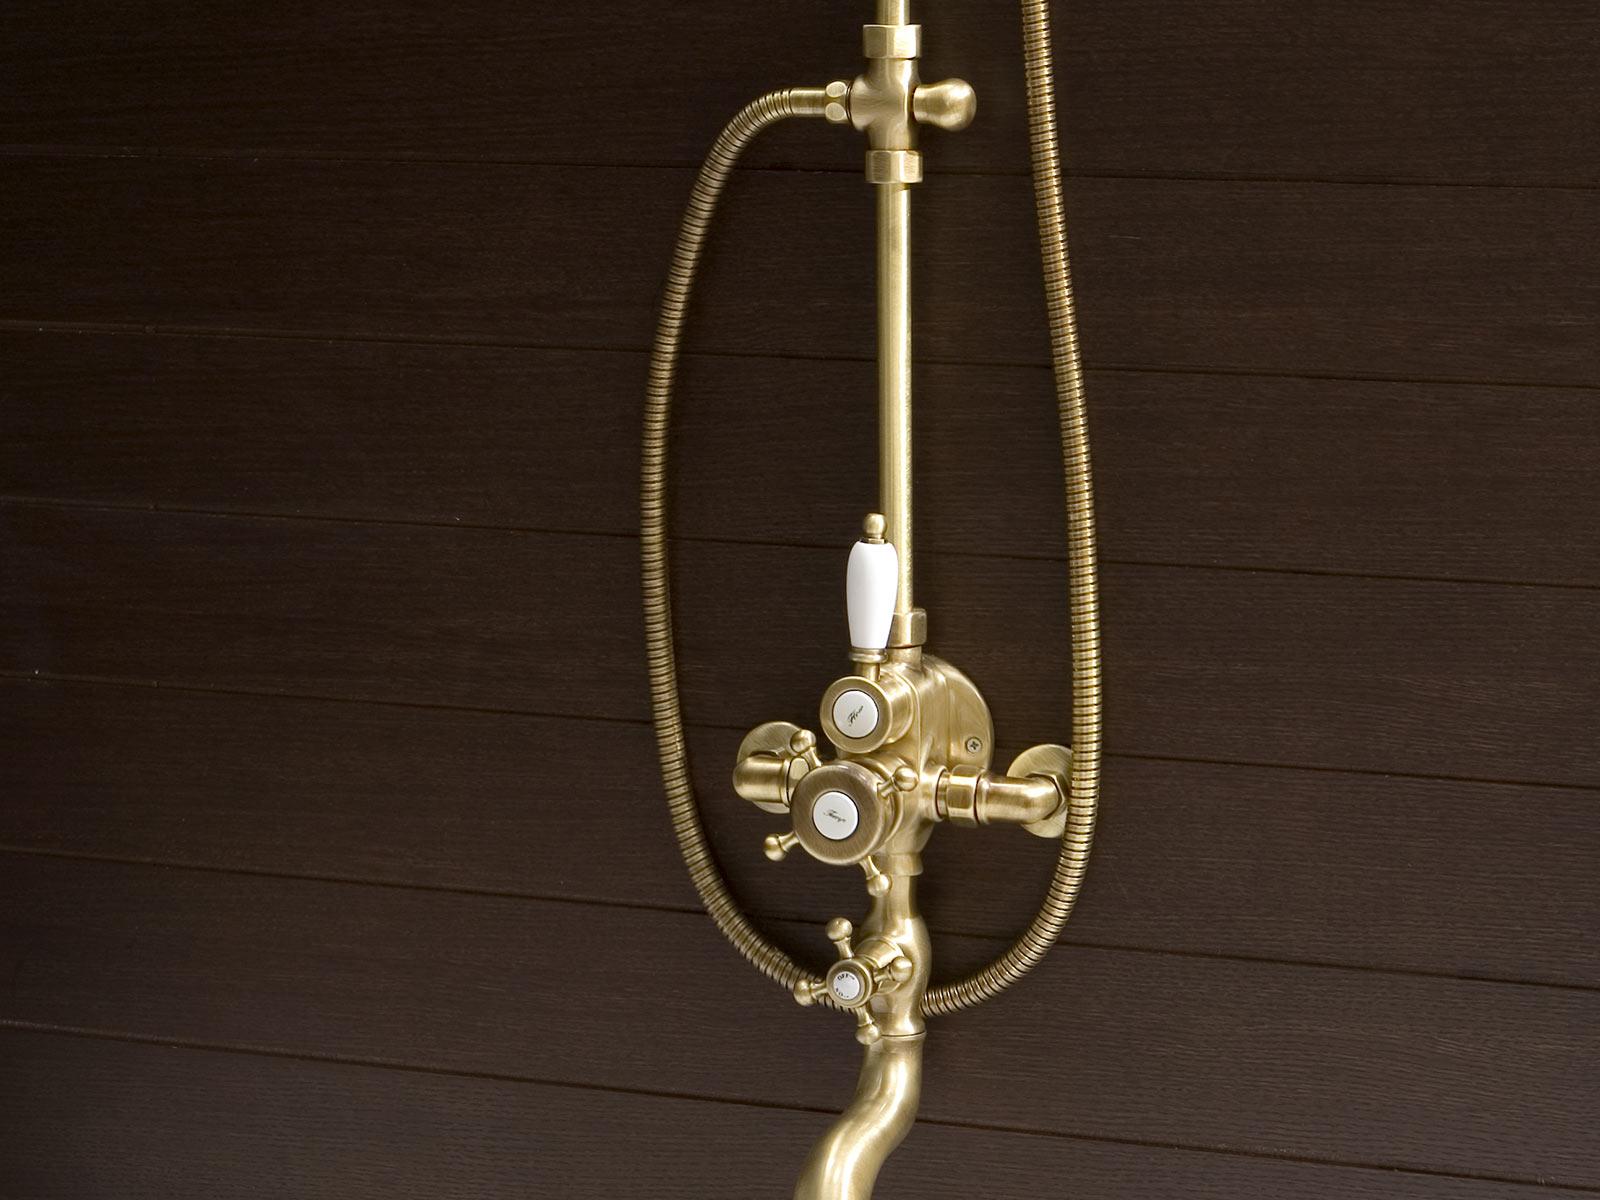 Detalle Conjunto ducha termostatico mural Florencia, acabado bronce.